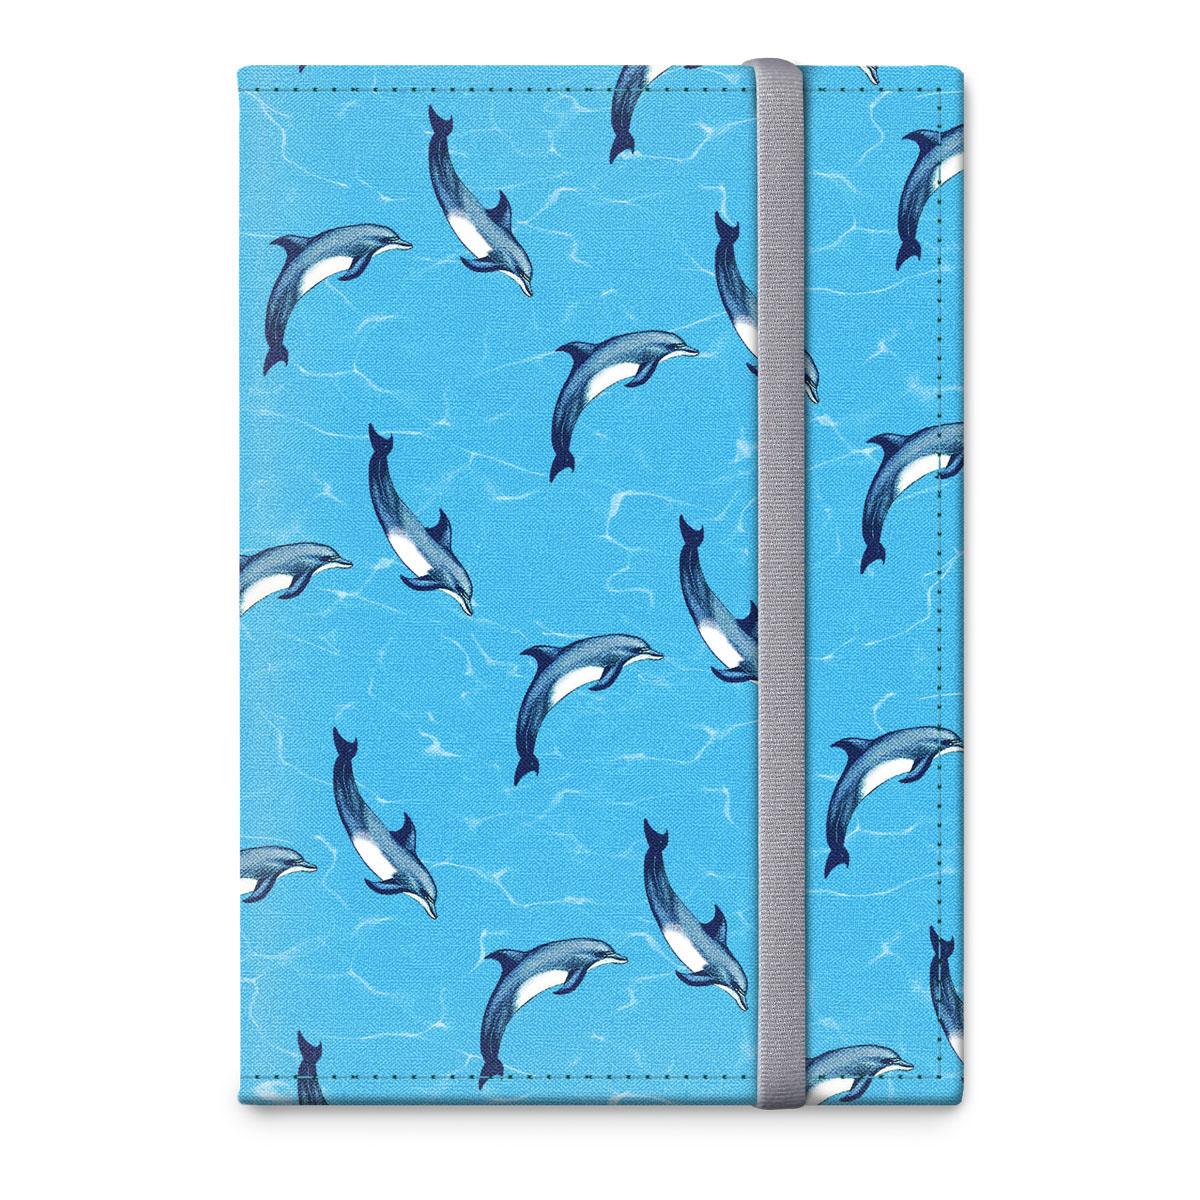 Обложка для паспорта ОРЗ-дизайн Дельфины, цвет: голубой, черный. Орз-03143430329Обложка на паспорт текстильная с авторским принтом